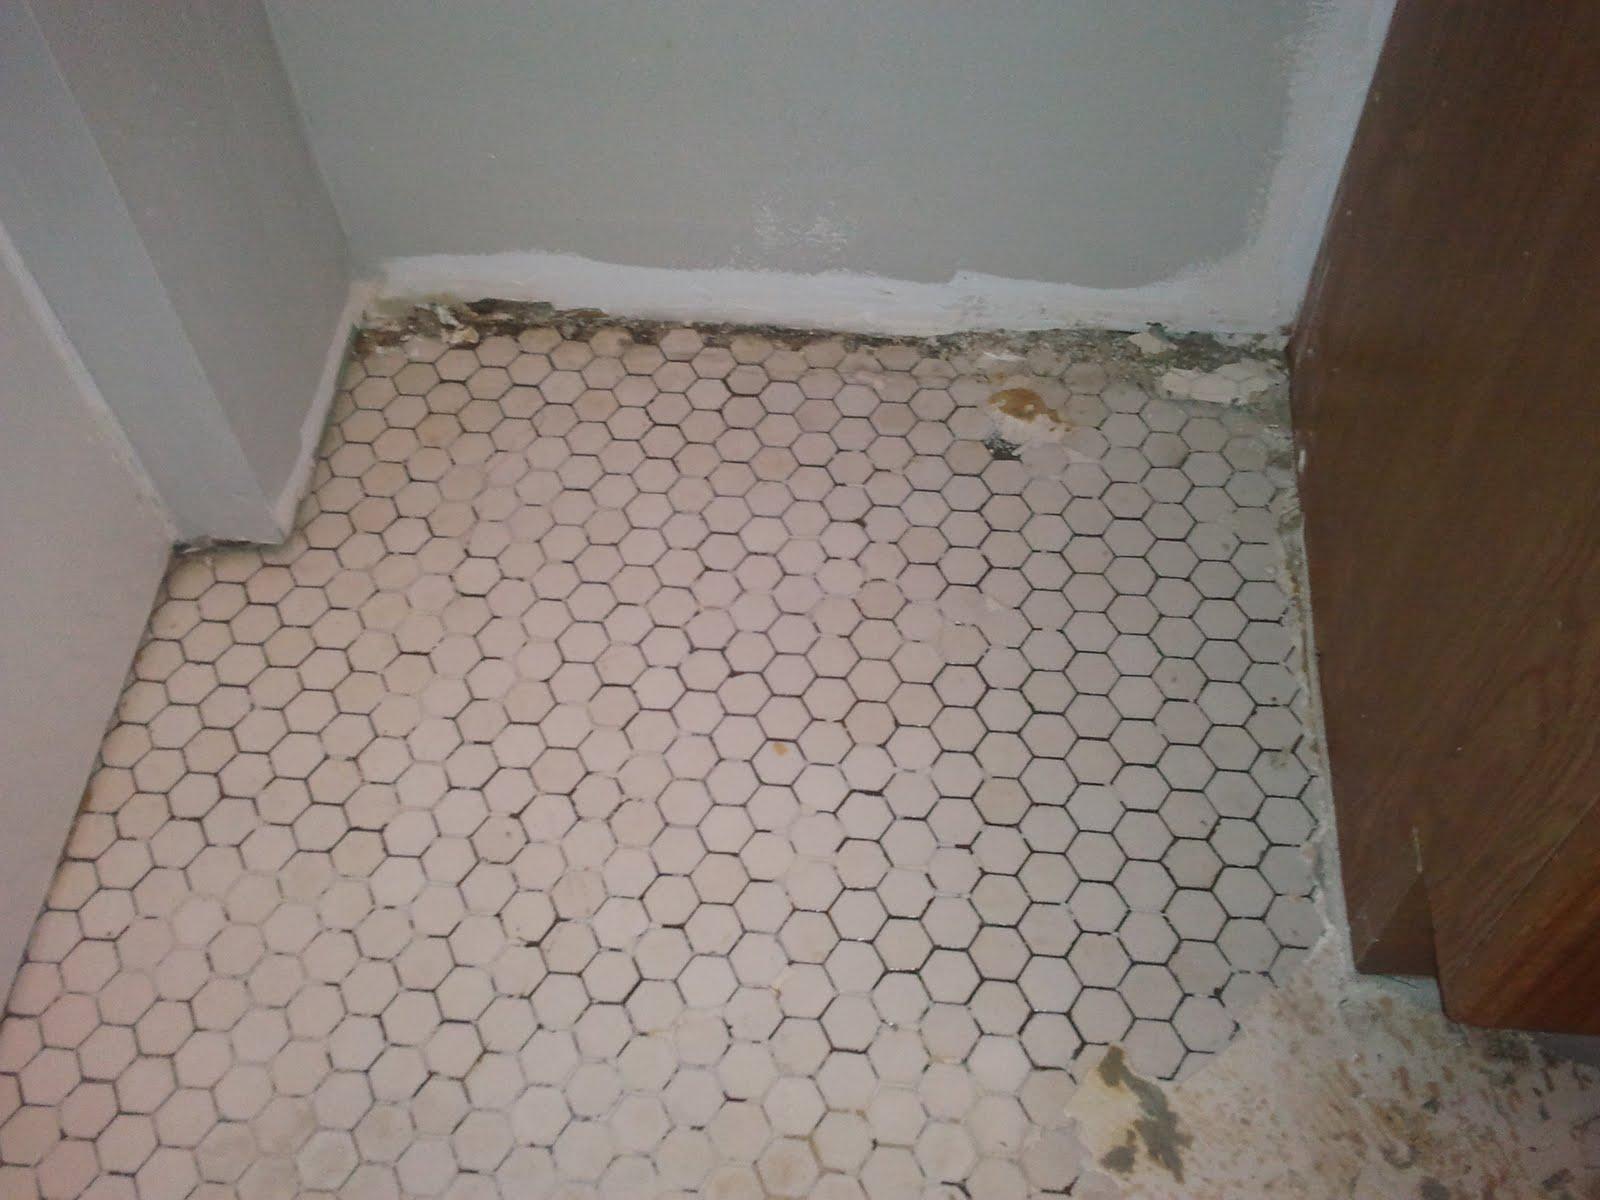 Penny Floor Template. cheryls penny floor. uncategorized